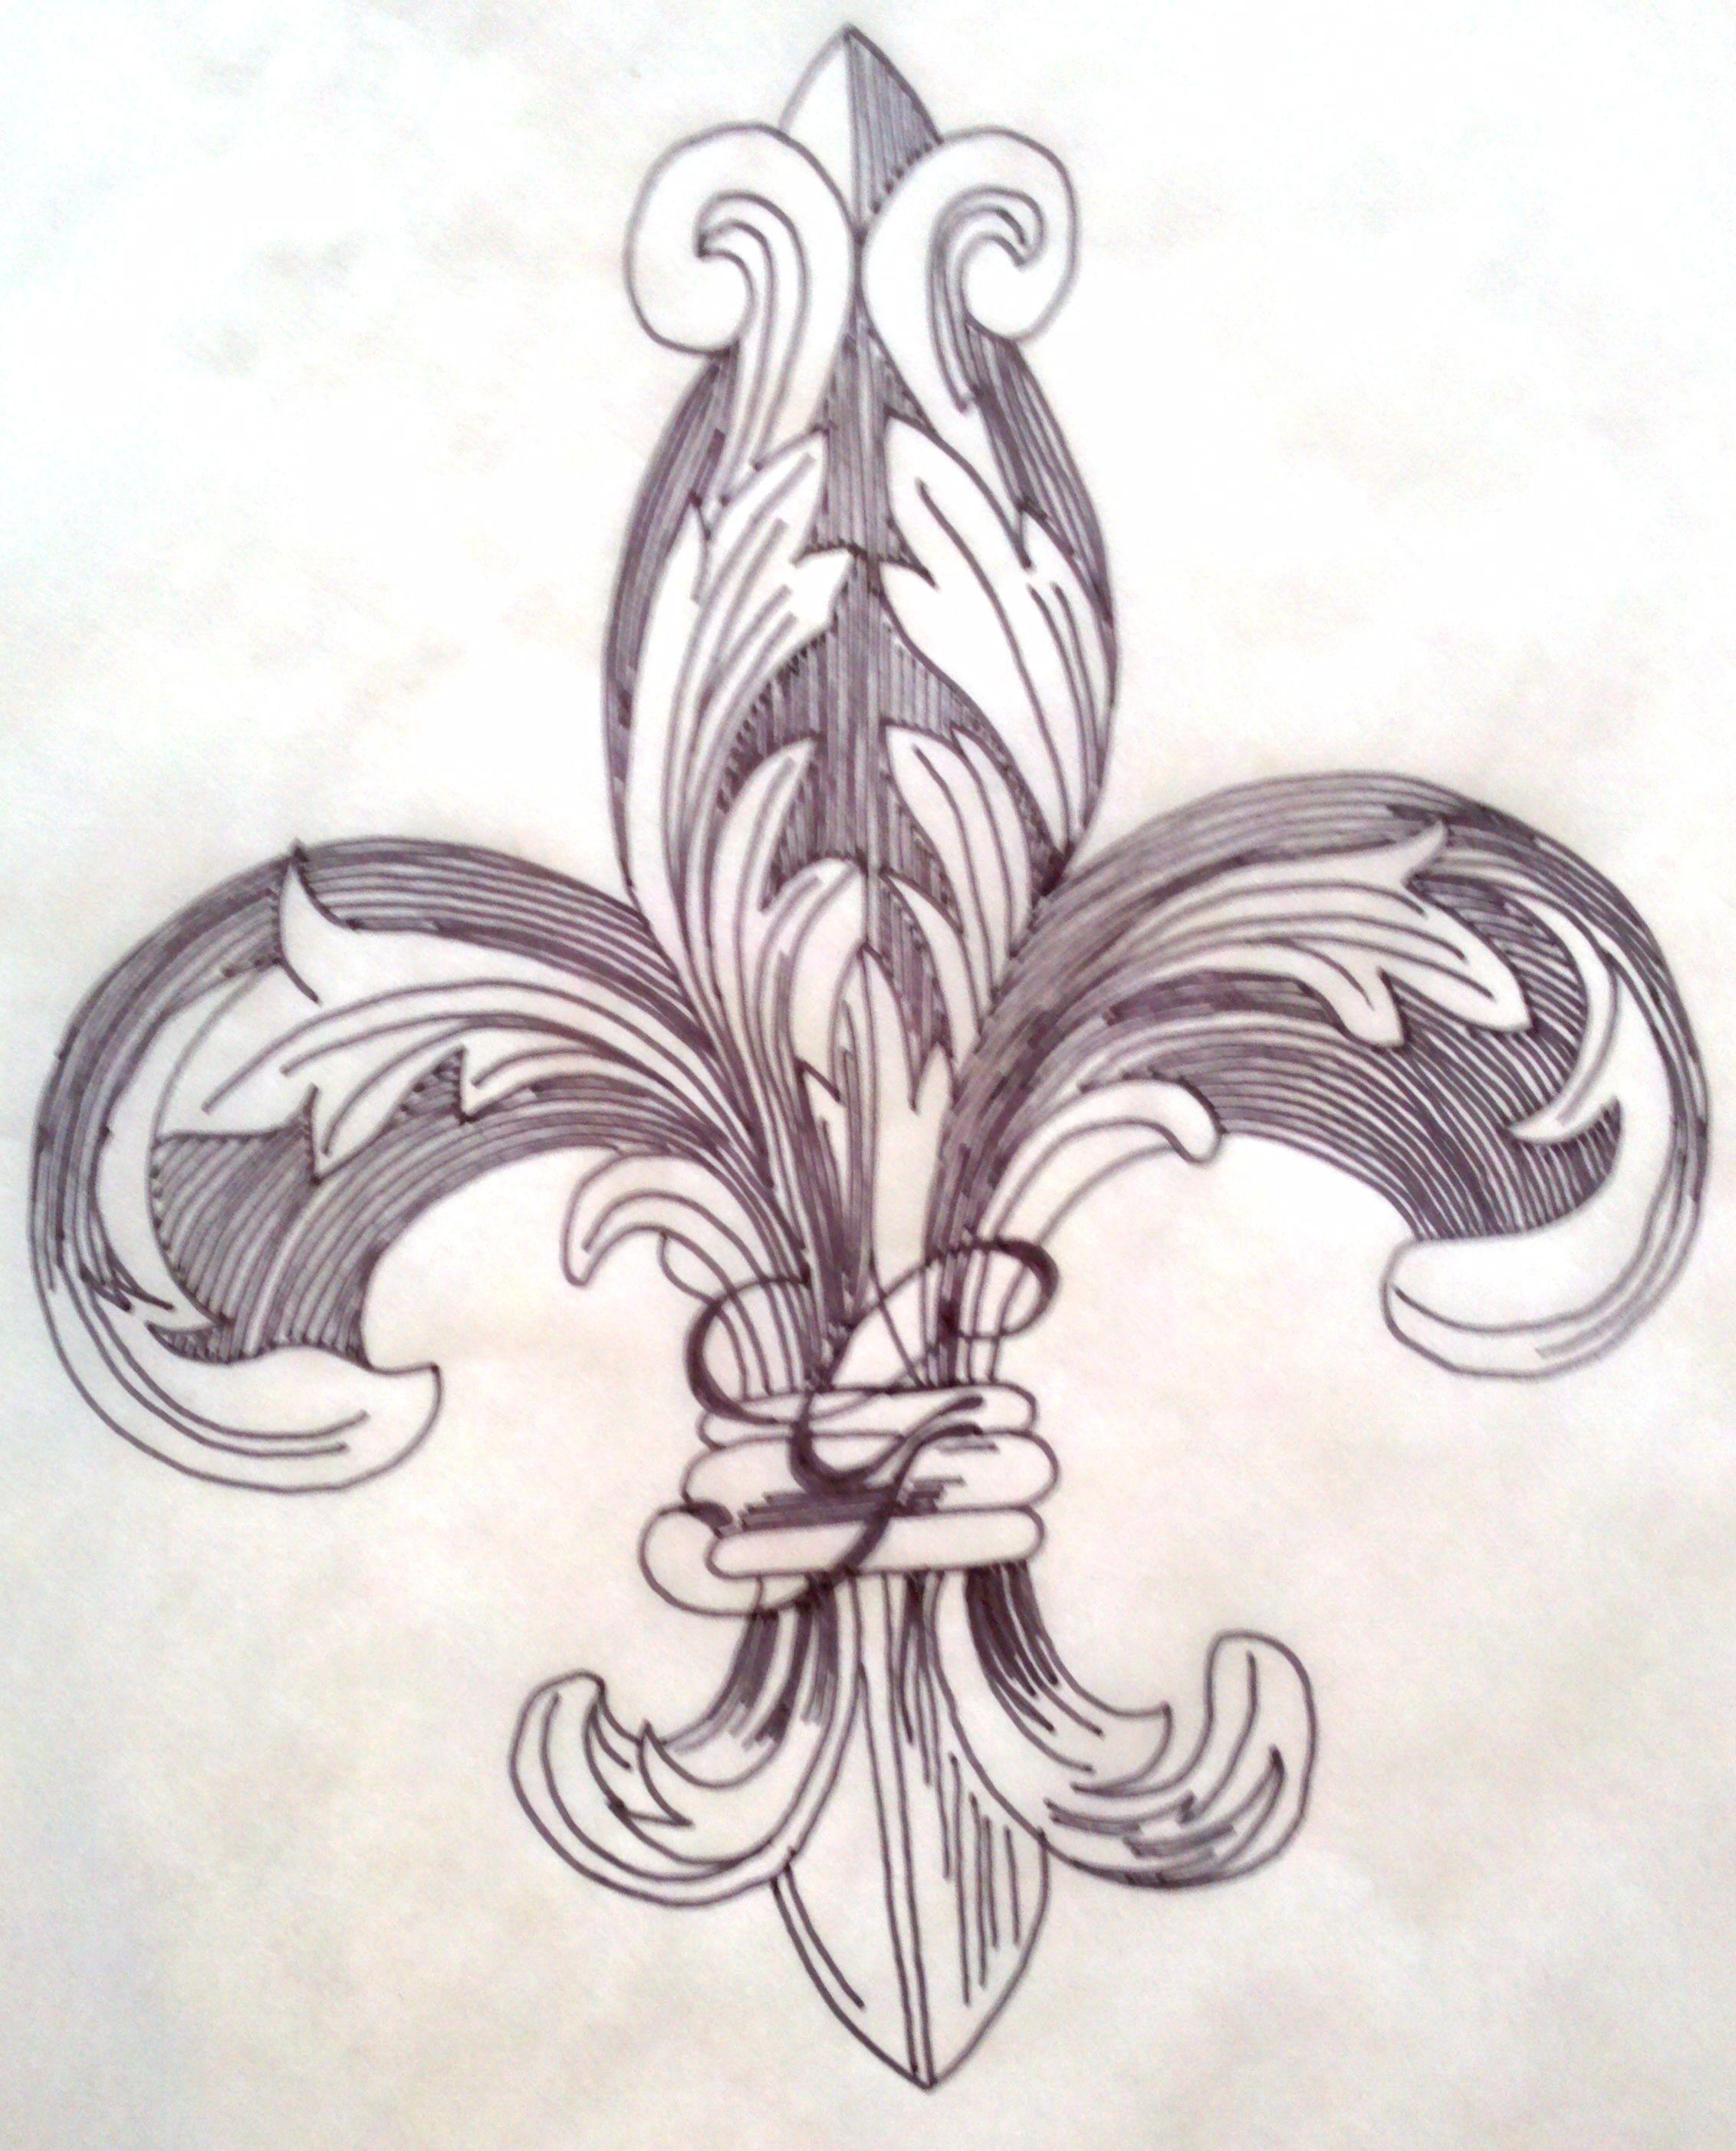 Tattoo fleur de lys galerie tatouage - Signification fleur de lys ...